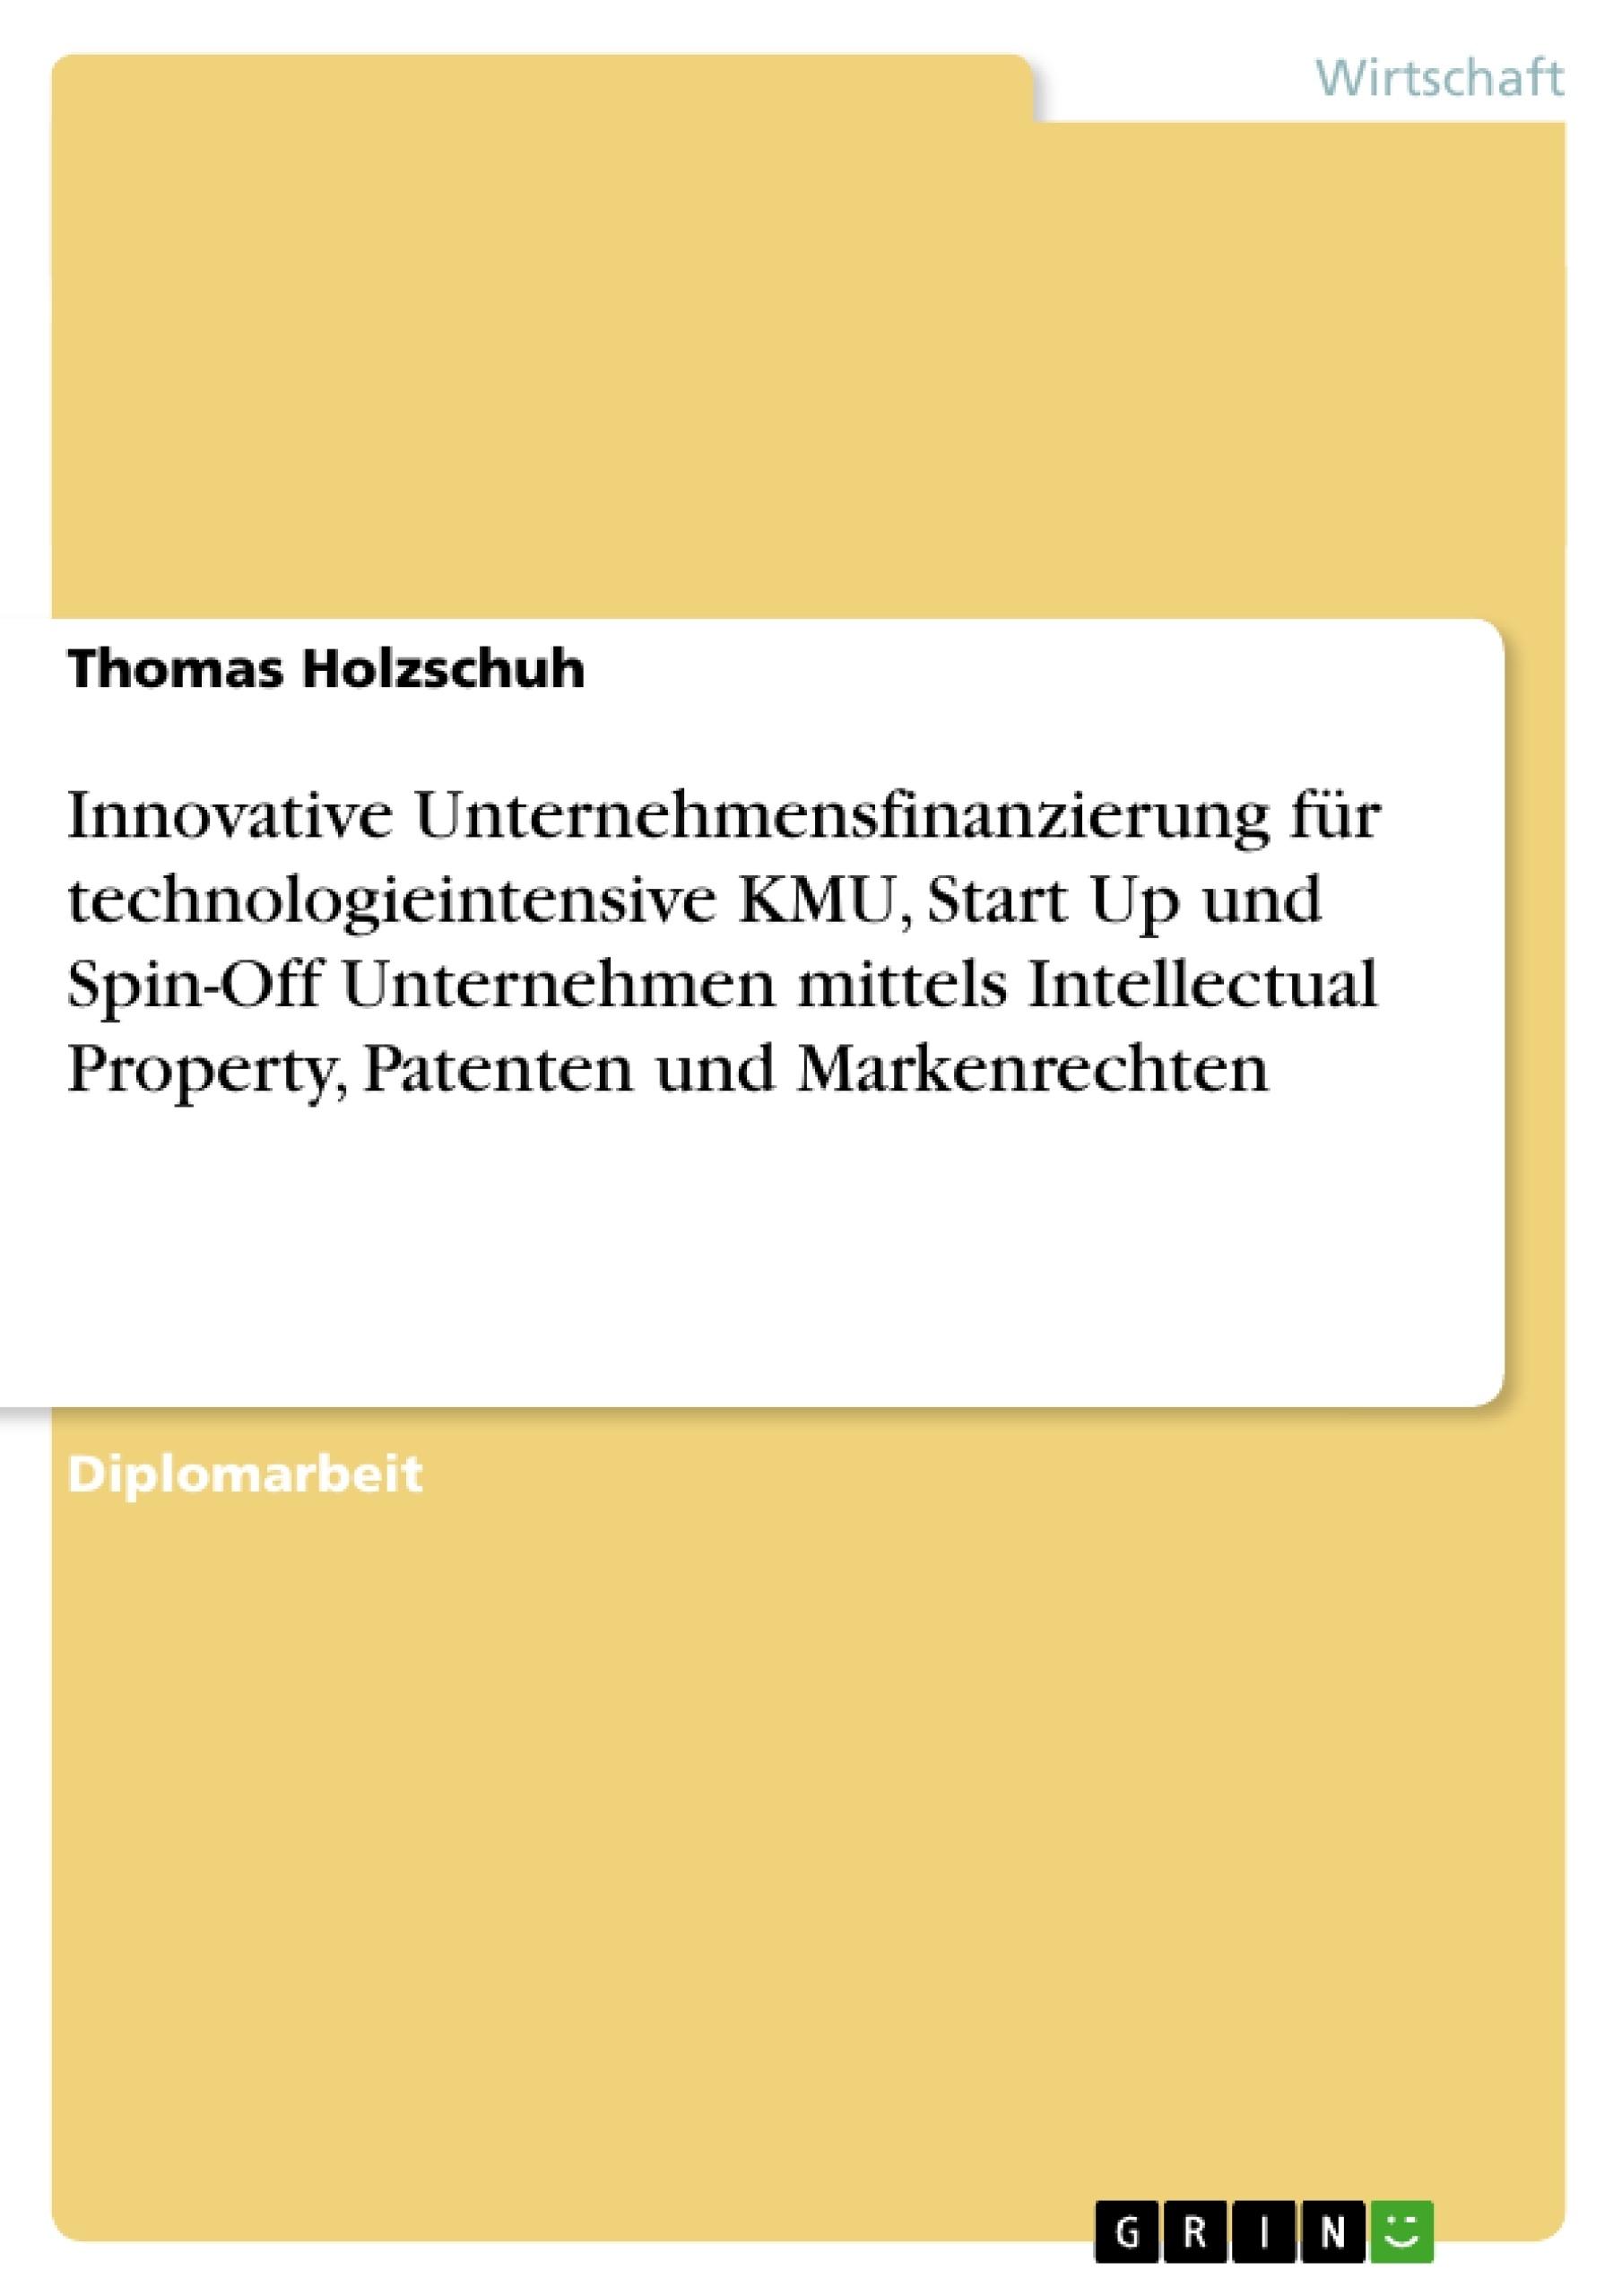 Titel: Innovative Unternehmensfinanzierung für technologieintensive KMU, Start Up und Spin-Off Unternehmen mittels Intellectual Property, Patenten und Markenrechten